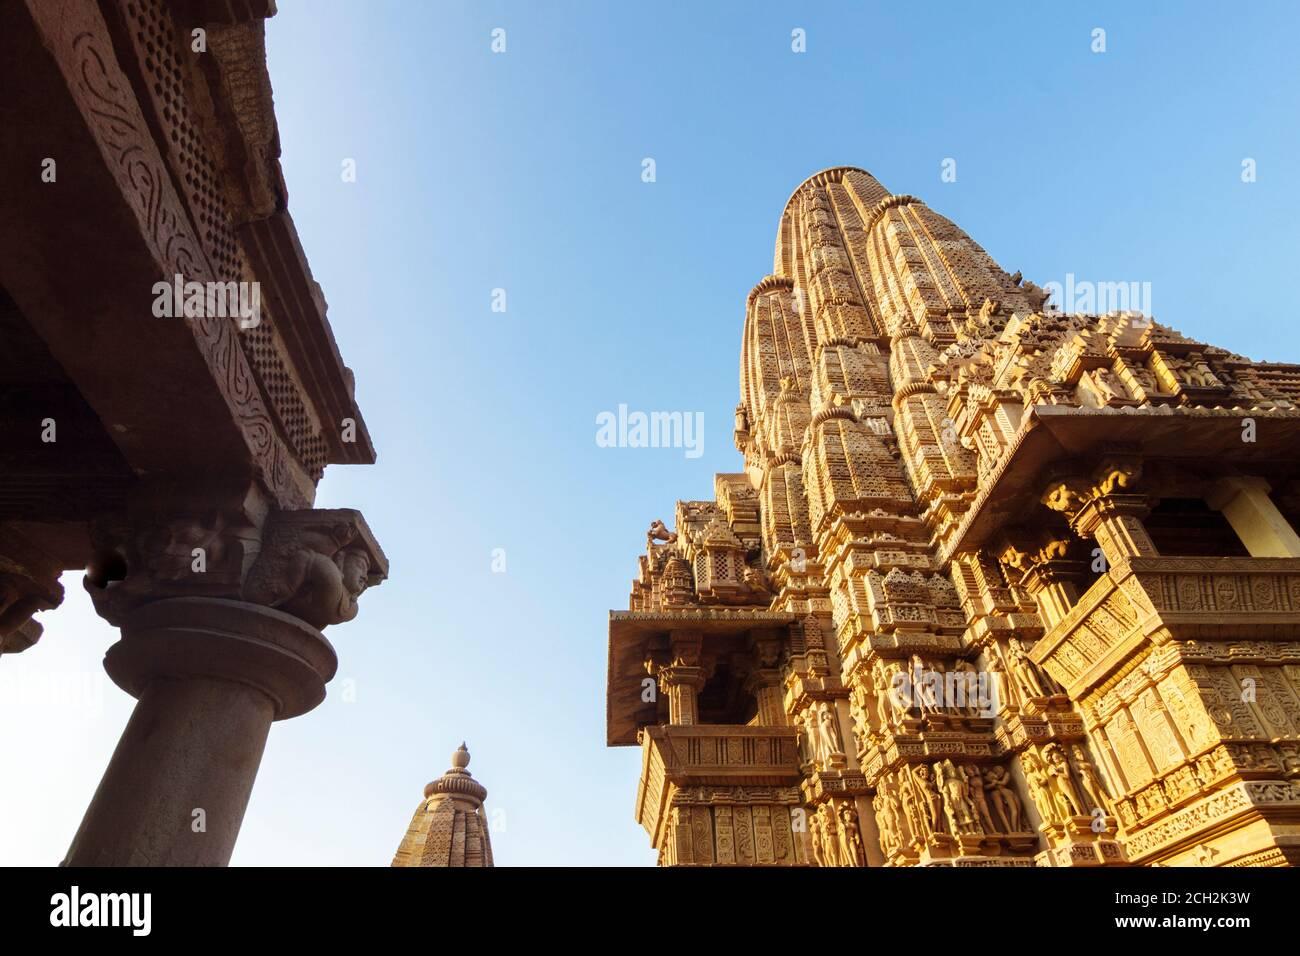 Khajuraho, Madhya Pradesh, India : Low angle of the main tower of the Kandariya Mahadeva Temple part of the western group of the UNESCO World Heritage Stock Photo